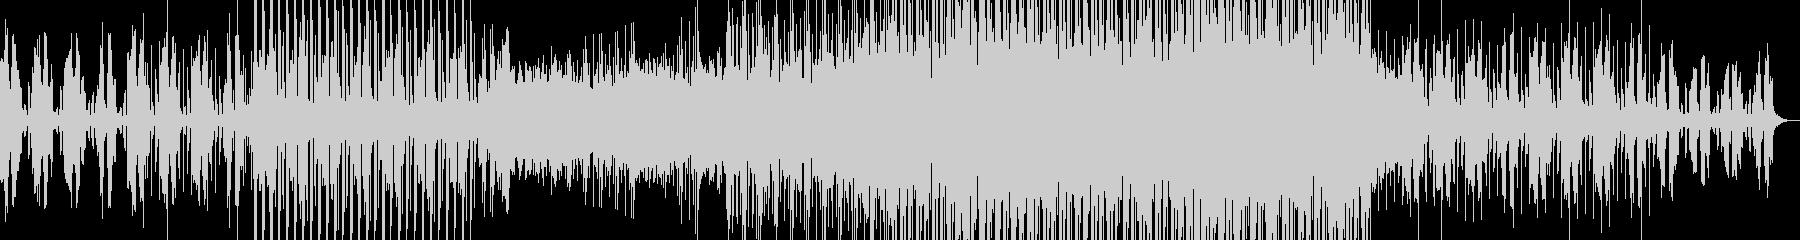 ハウス系EDMの未再生の波形